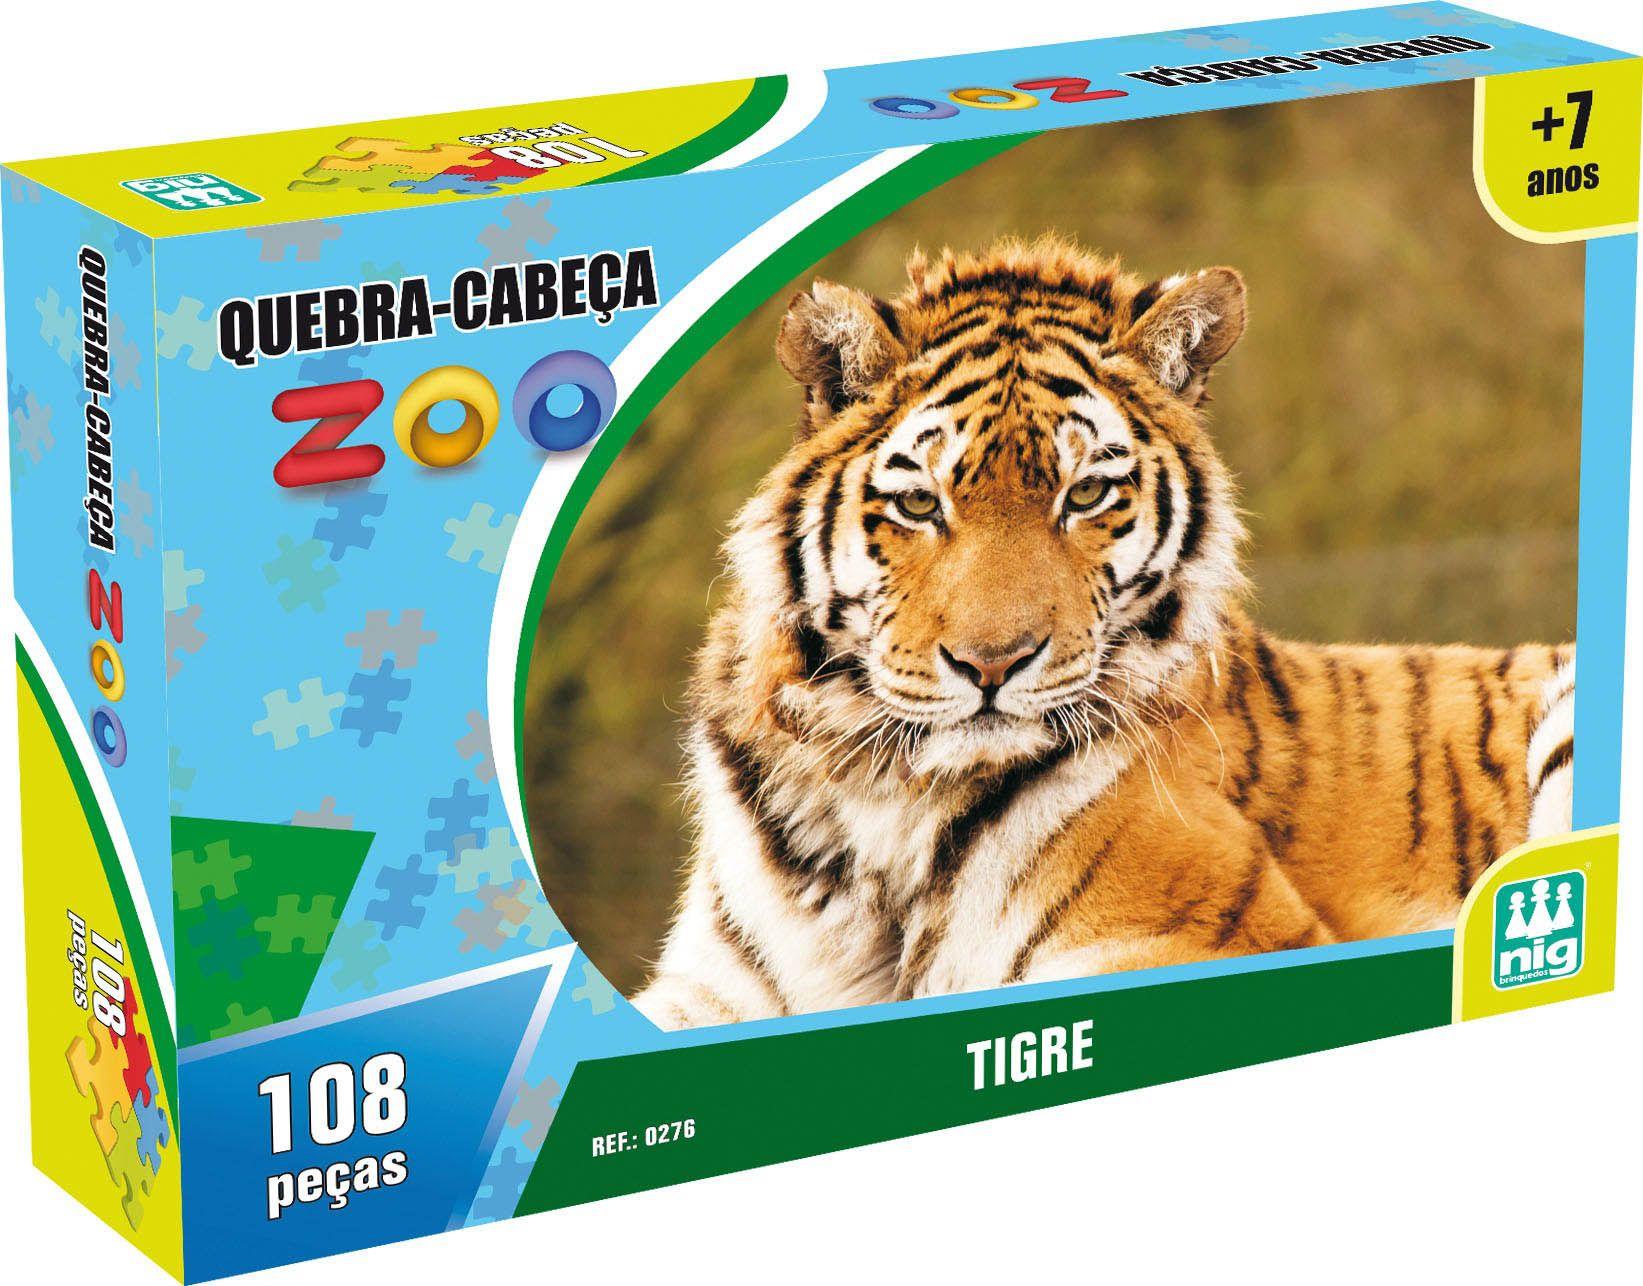 Quebra-Cabeça Zoo - Tigre - 108 Peças - Nig Brinquedos